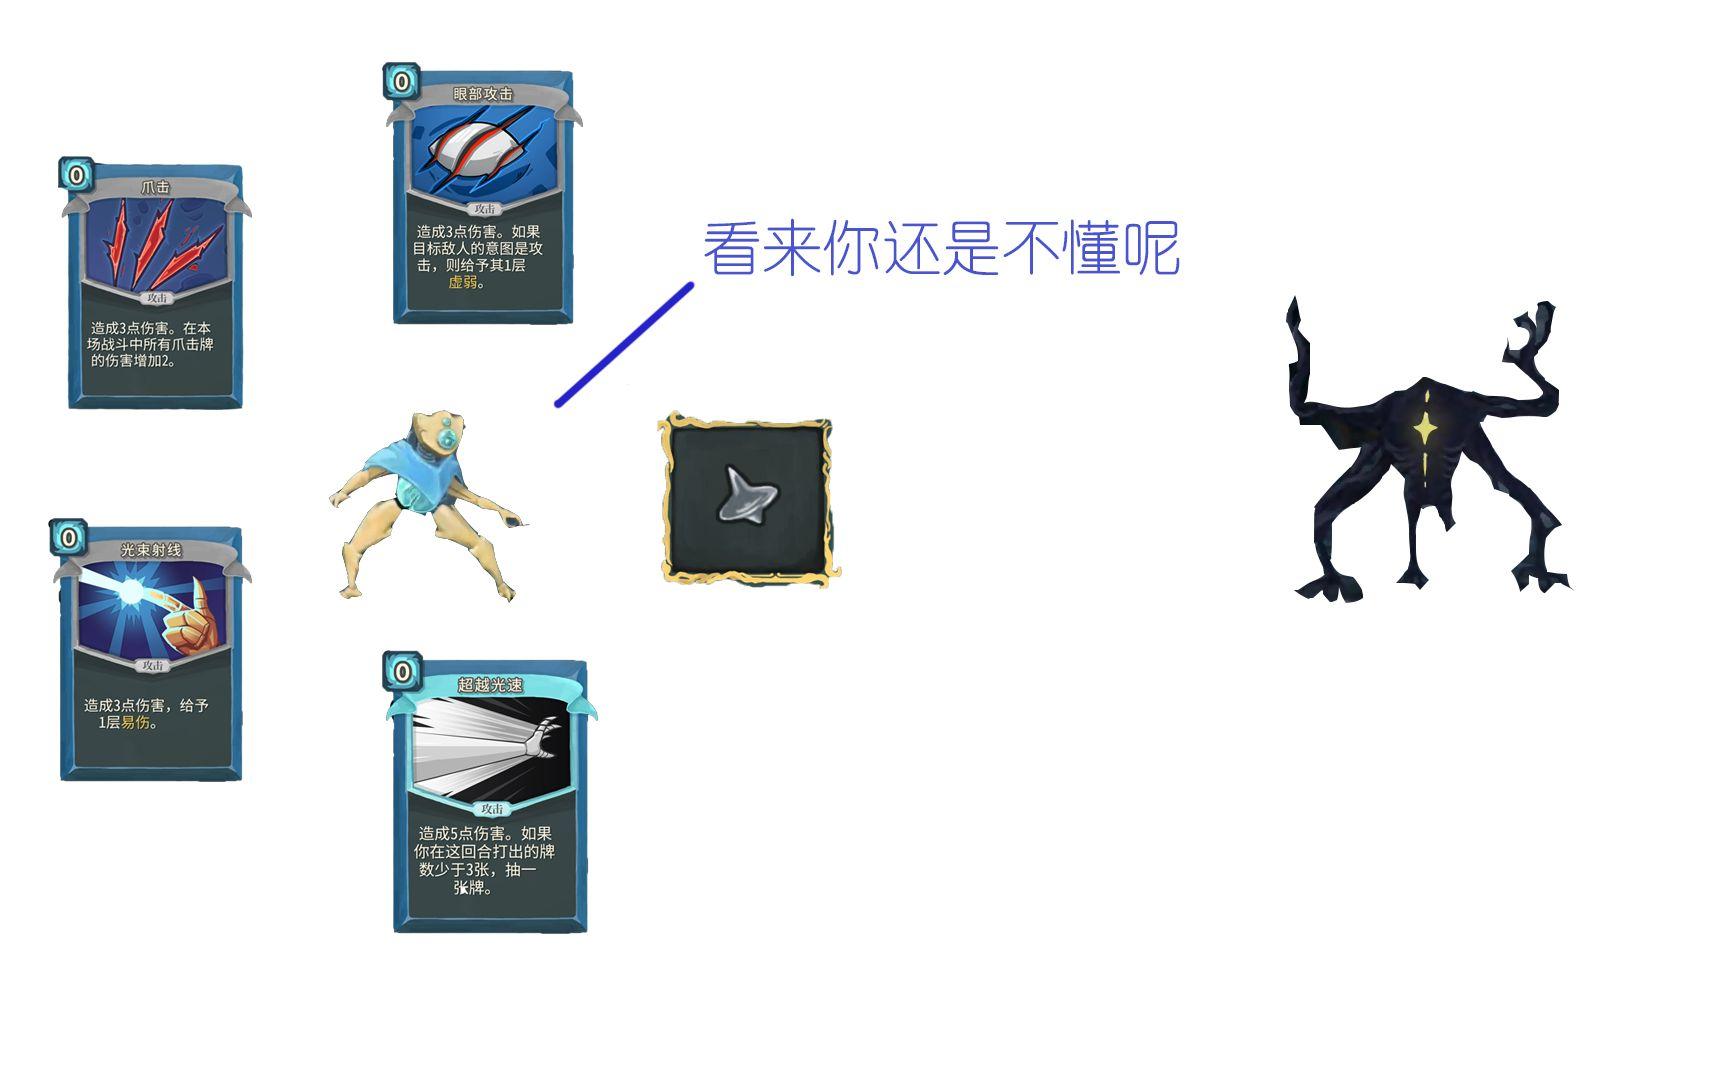 【杀戮尖塔自定义模式】机器人无限流一回合击杀瞬变者